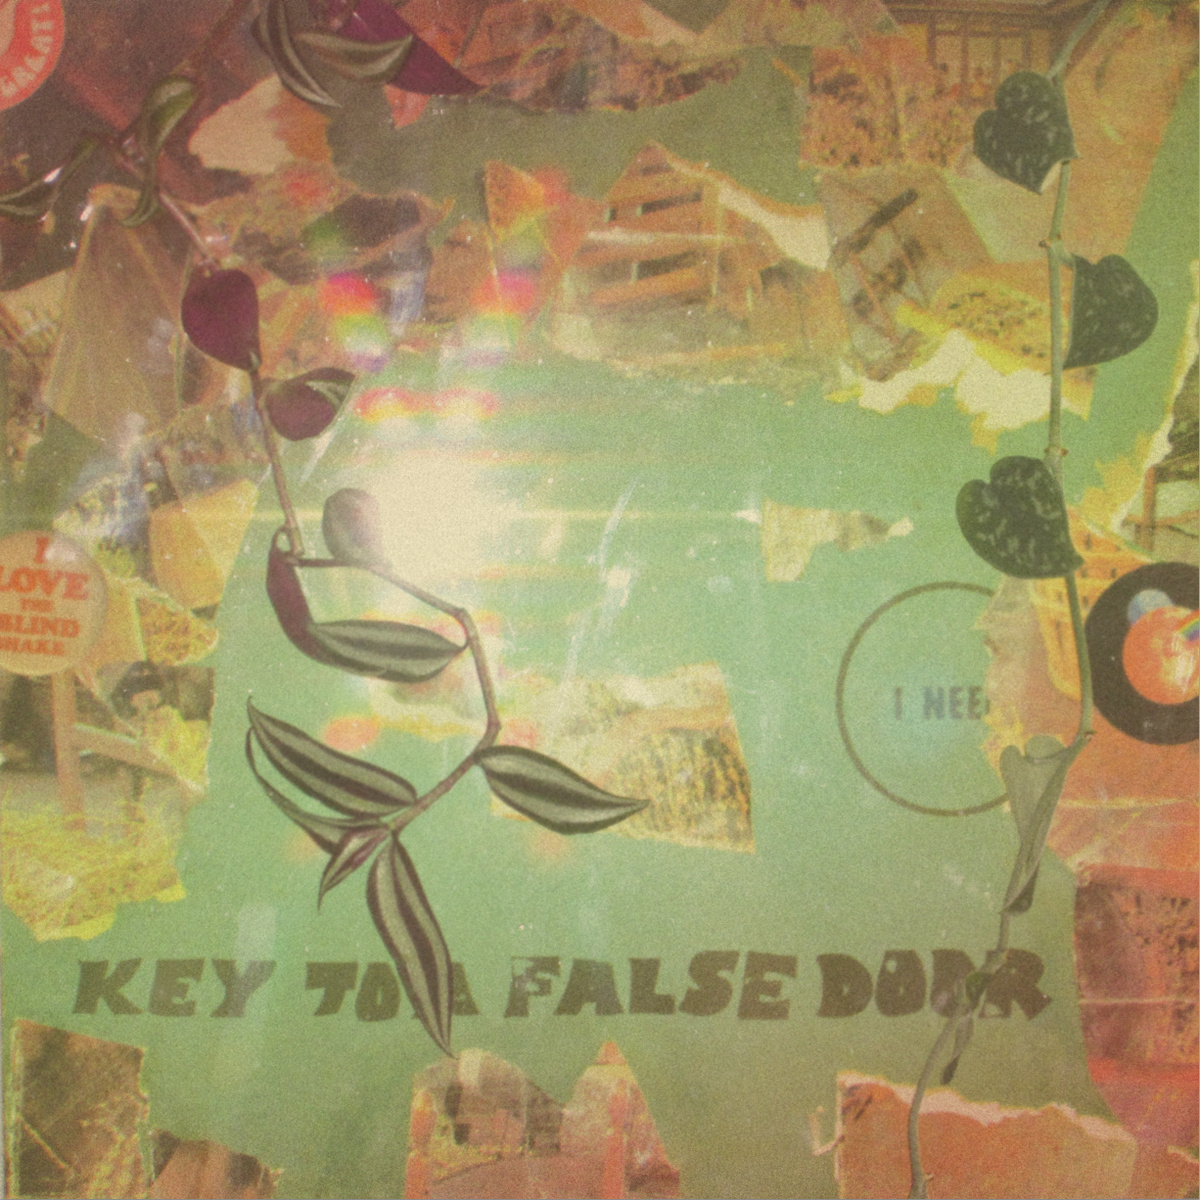 Key to a False Door